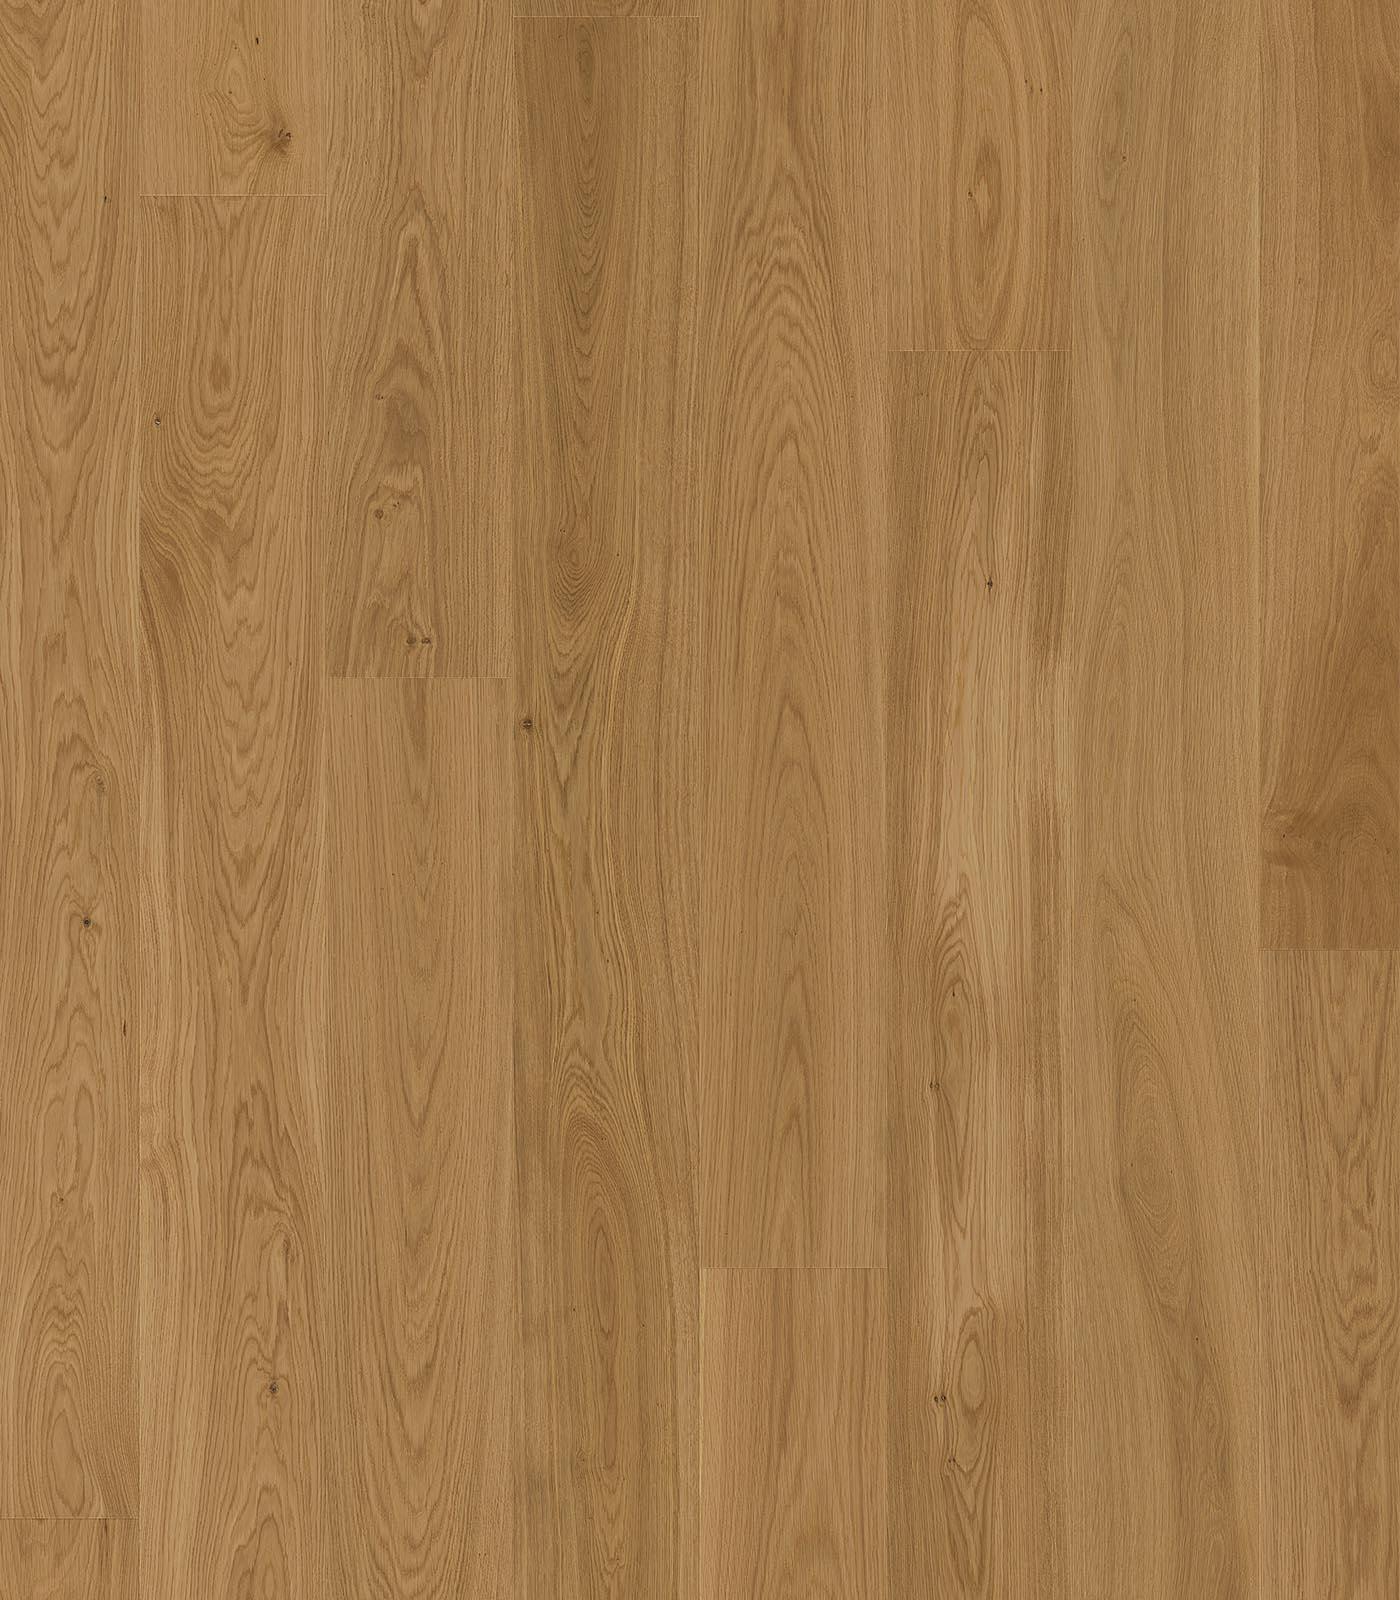 Oak-Prima-Origins-collection-European-Oak-Floors-Flat